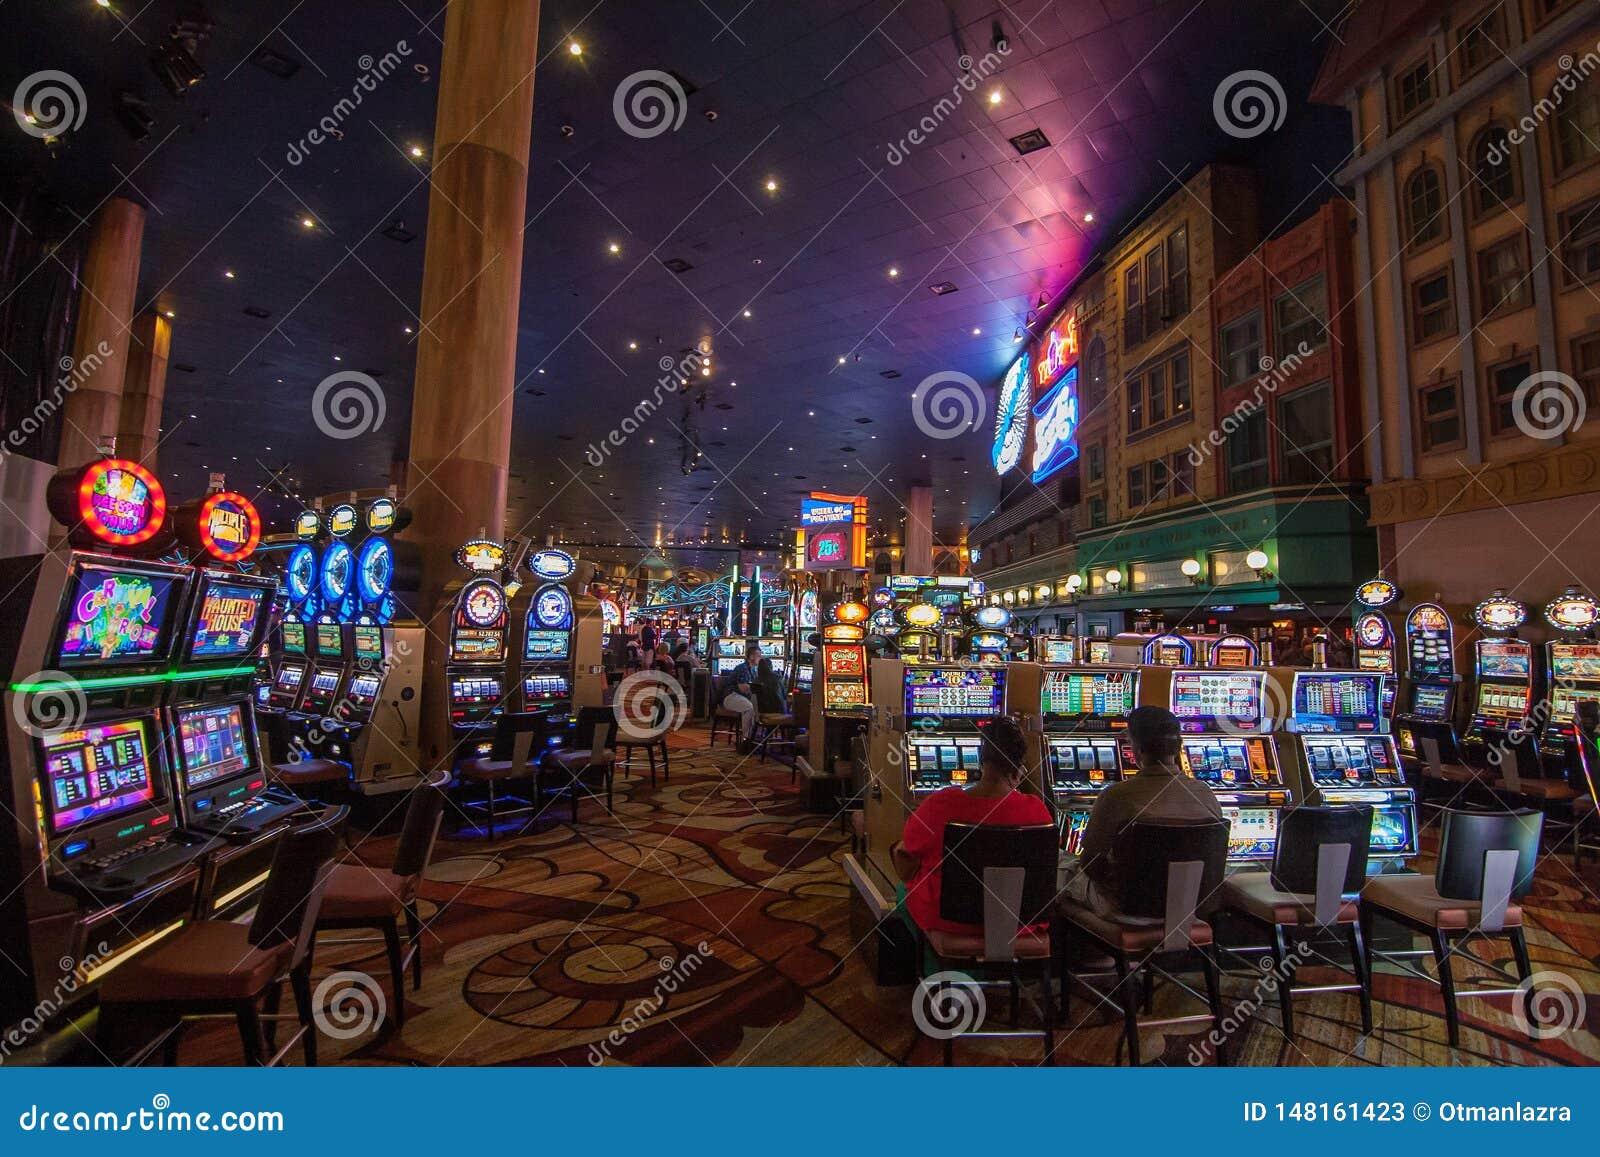 Μηχανήματα τυχερών παιχνιδιών με κέρματα στο νέο Υόρκη-νέο ξενοδοχείο της Υόρκης